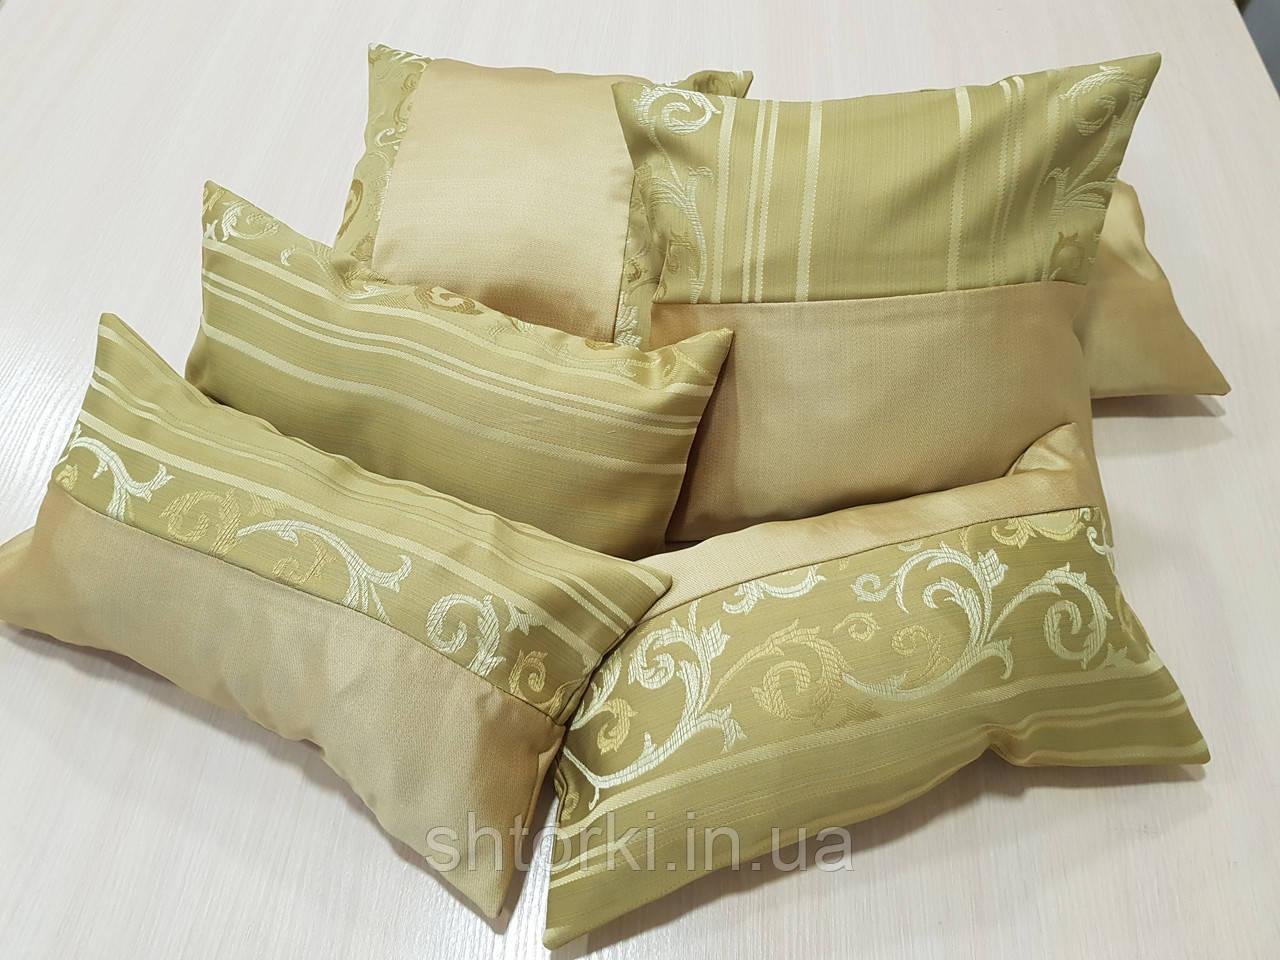 Комплект подушек Нэнси соломенные и фисташка полоски, 6шт